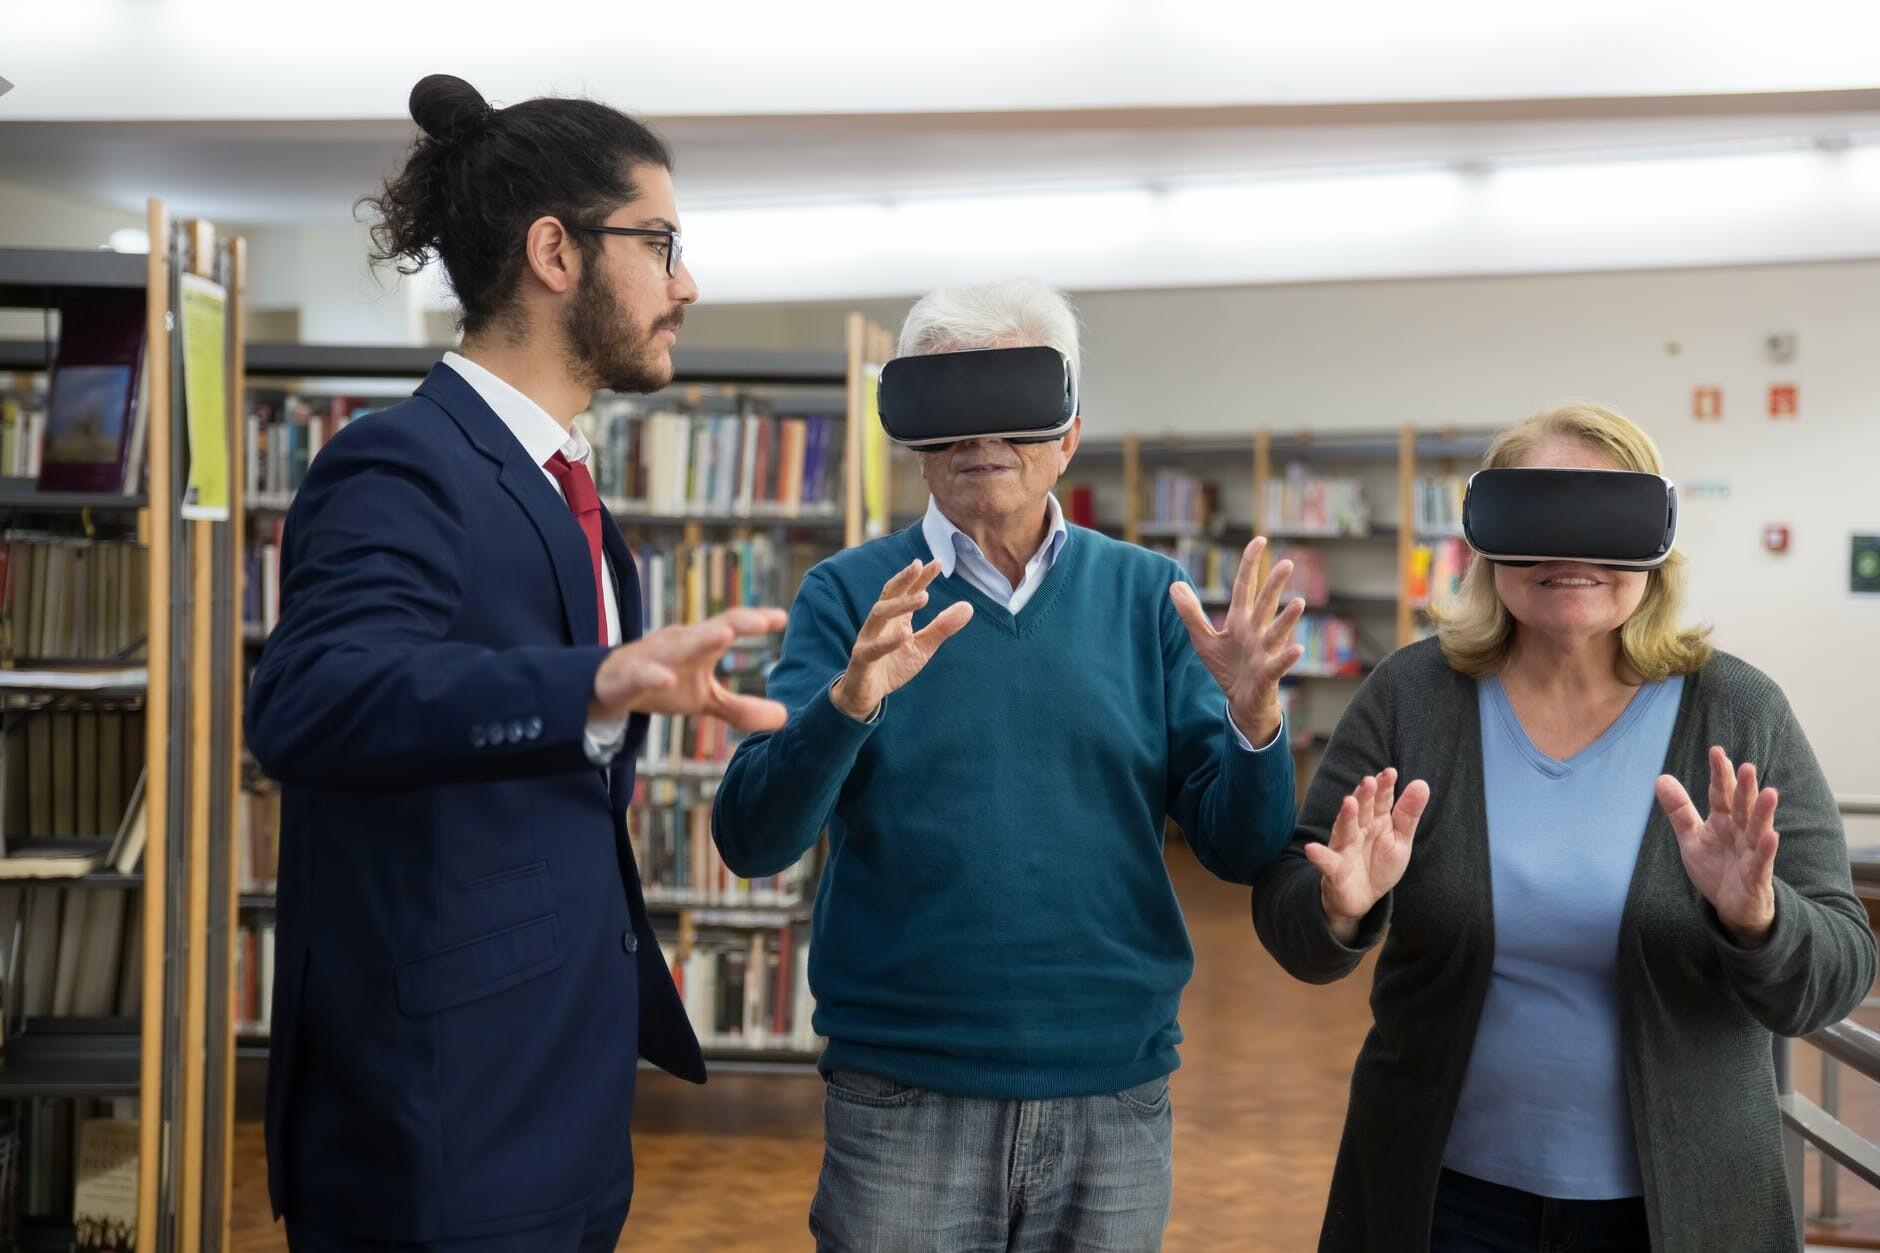 Personas experimentando la realidad virtual en el mundo inmobiliario.